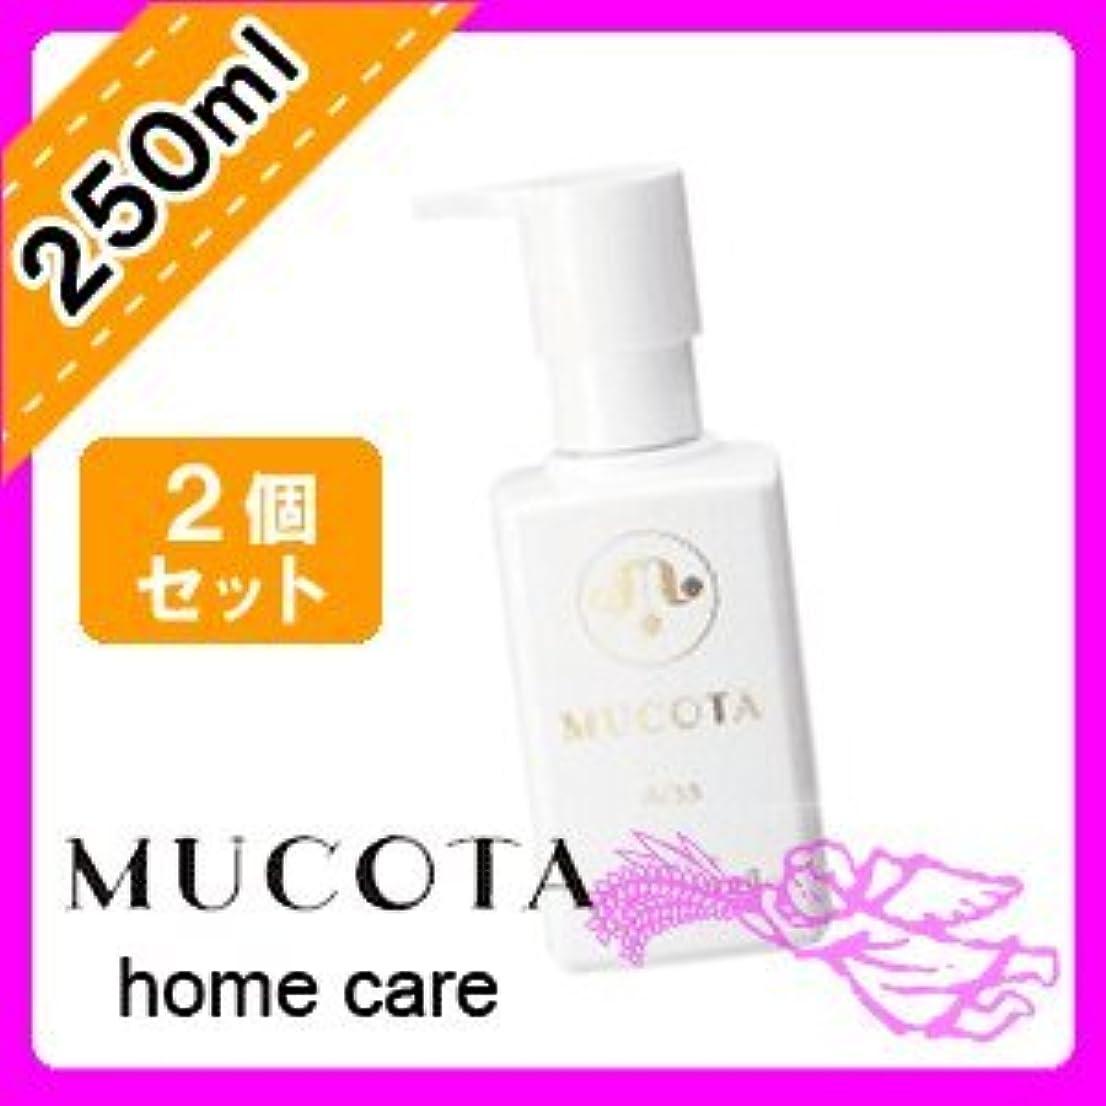 法律シロナガスクジラ純粋にムコタ ホームケア シャンプー A/33 250ml × 2個 セット MUCOTA Home Care